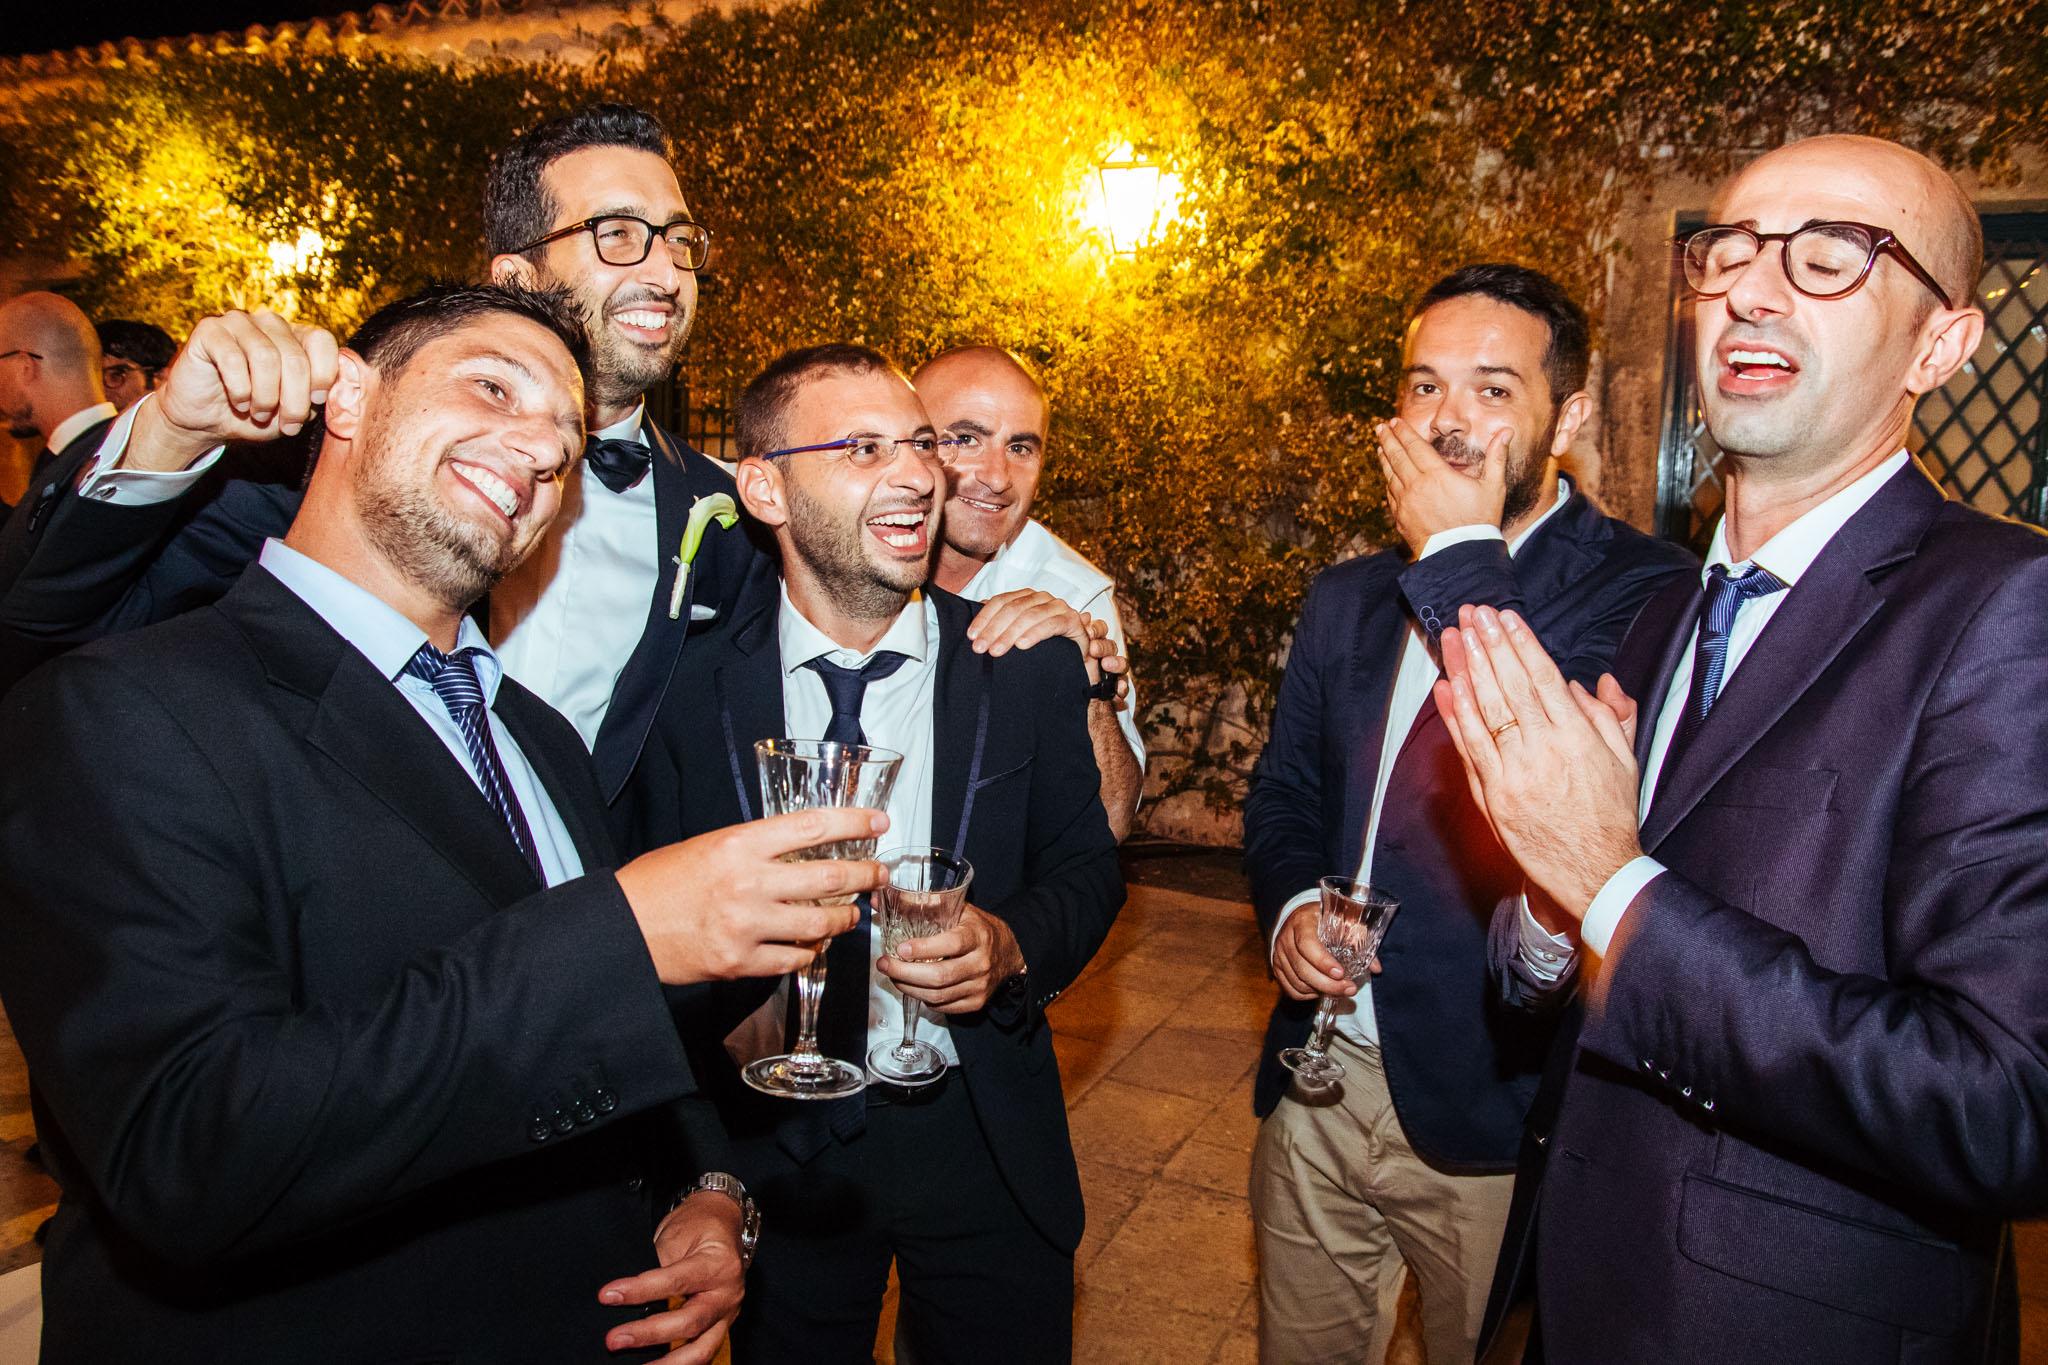 wedding-in-SYRACUSE-55.jpg